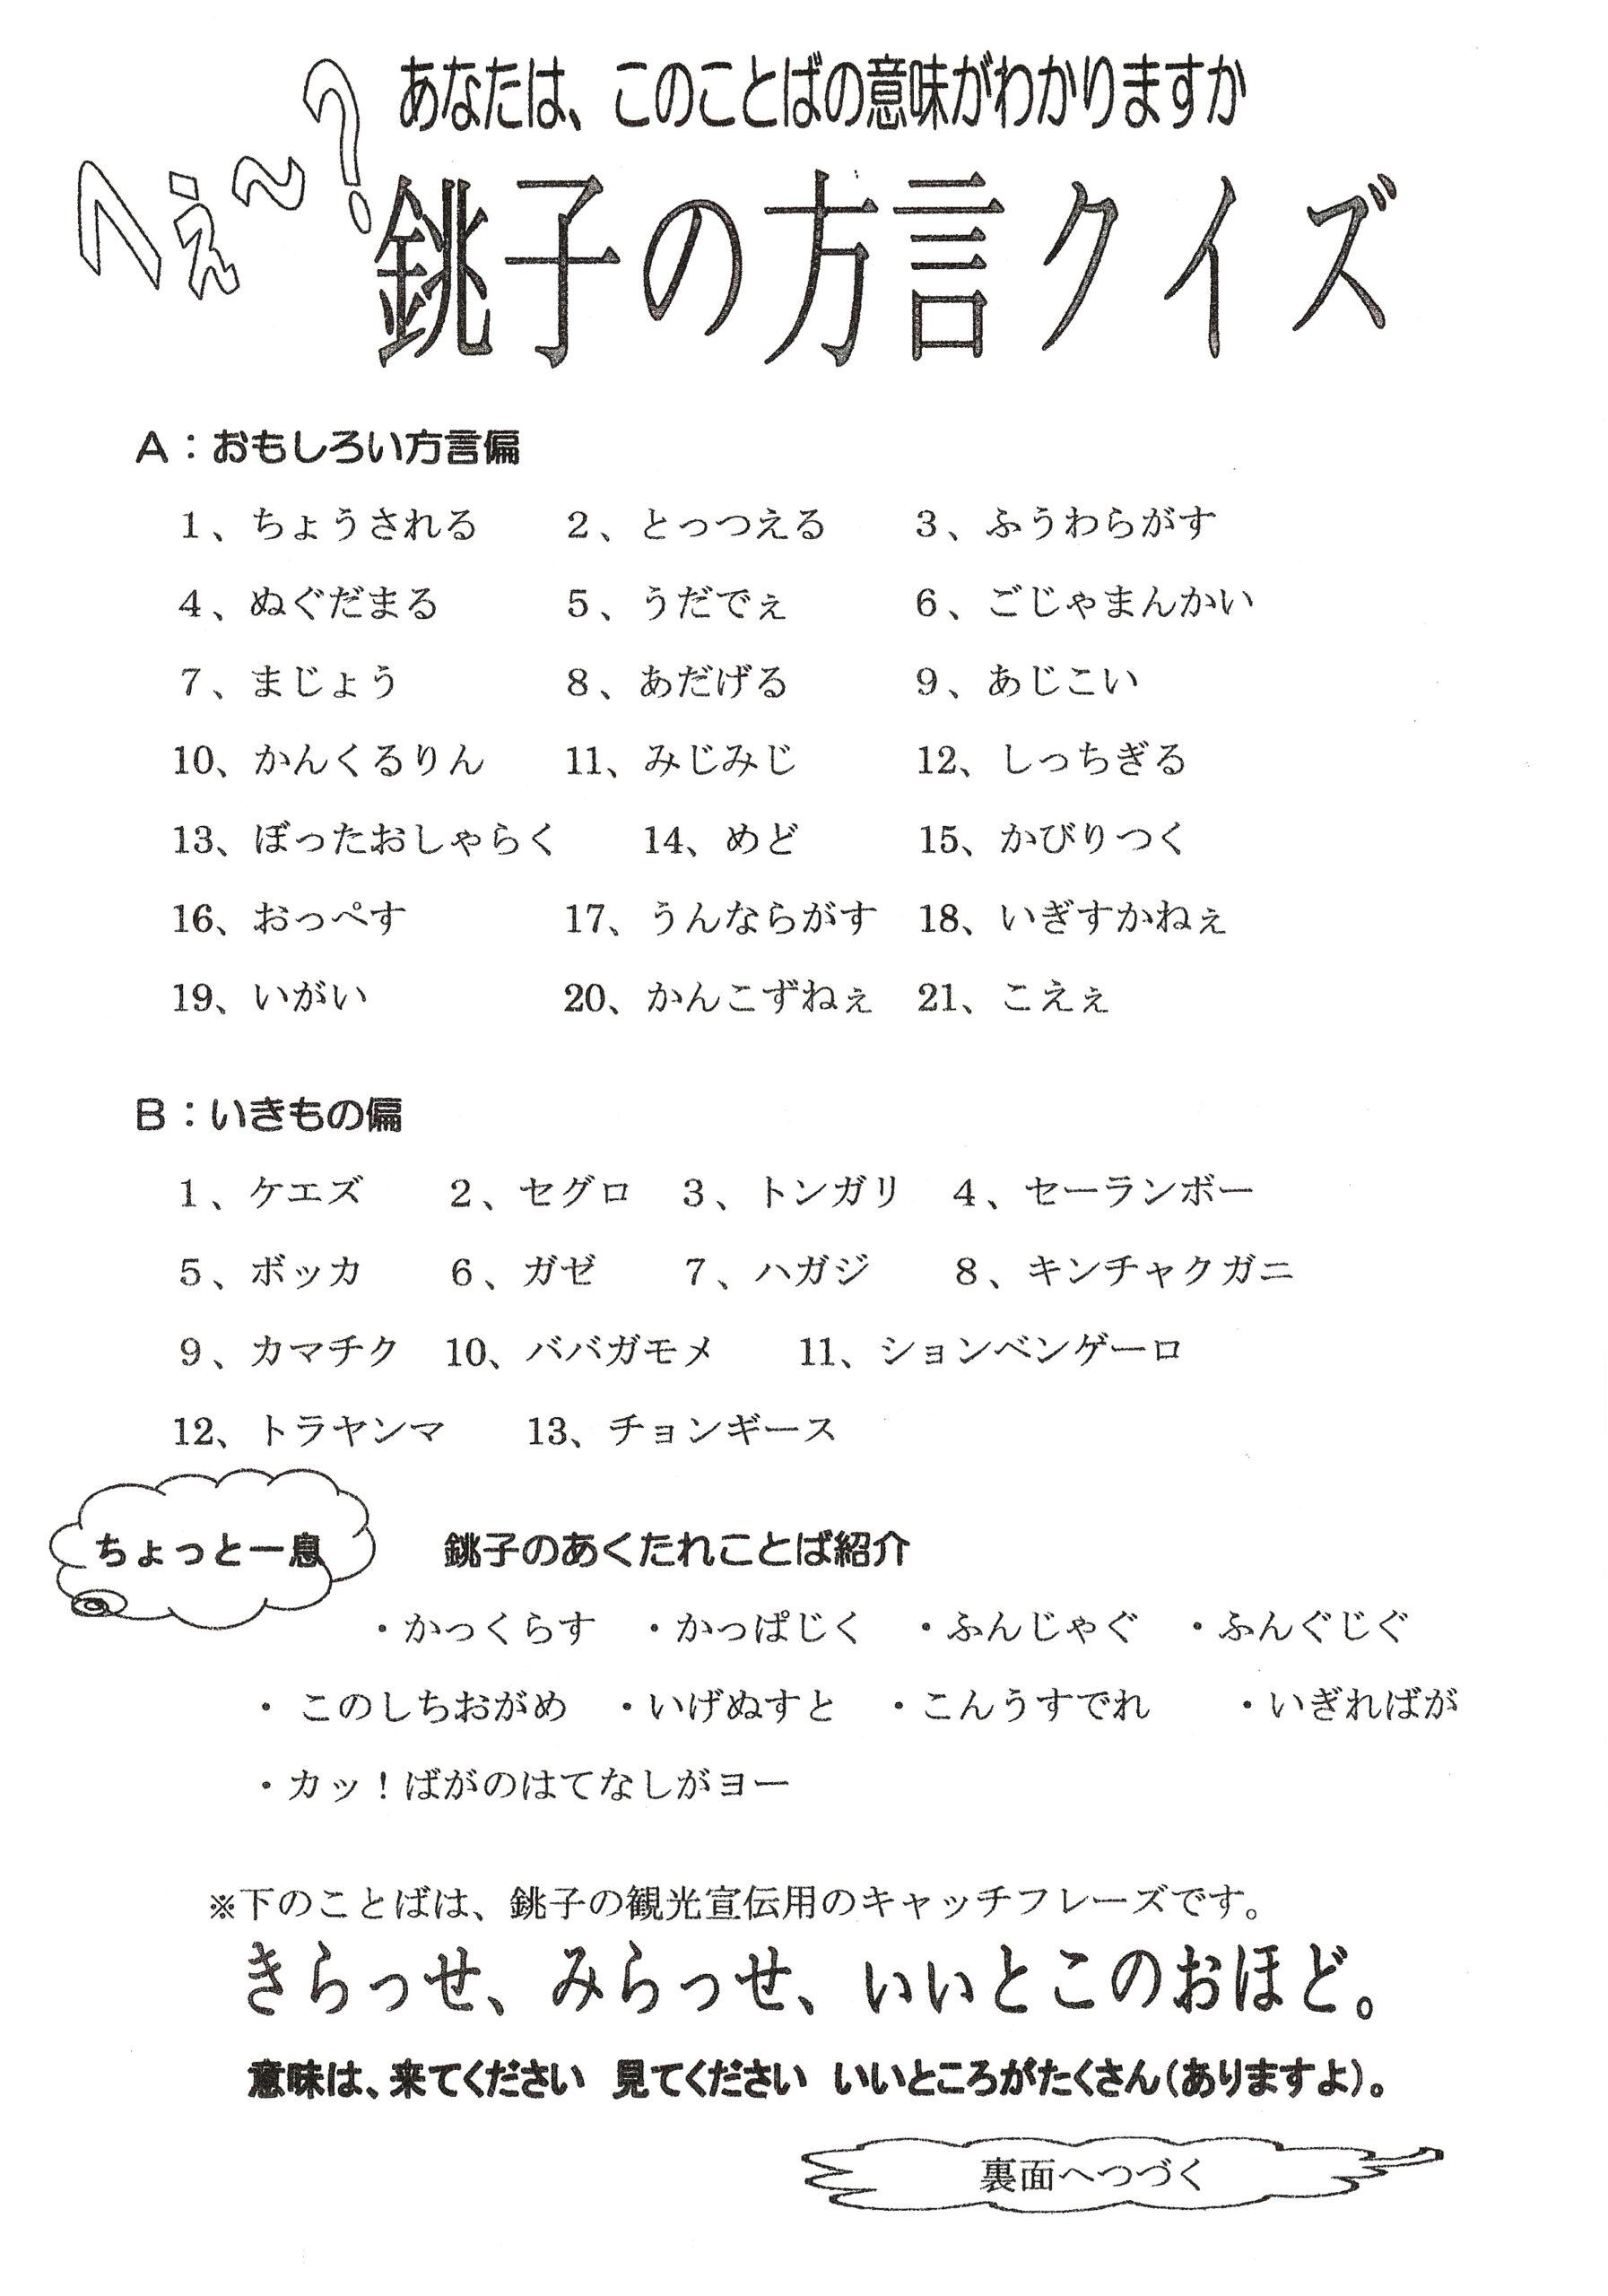 銚子の方言クイズ